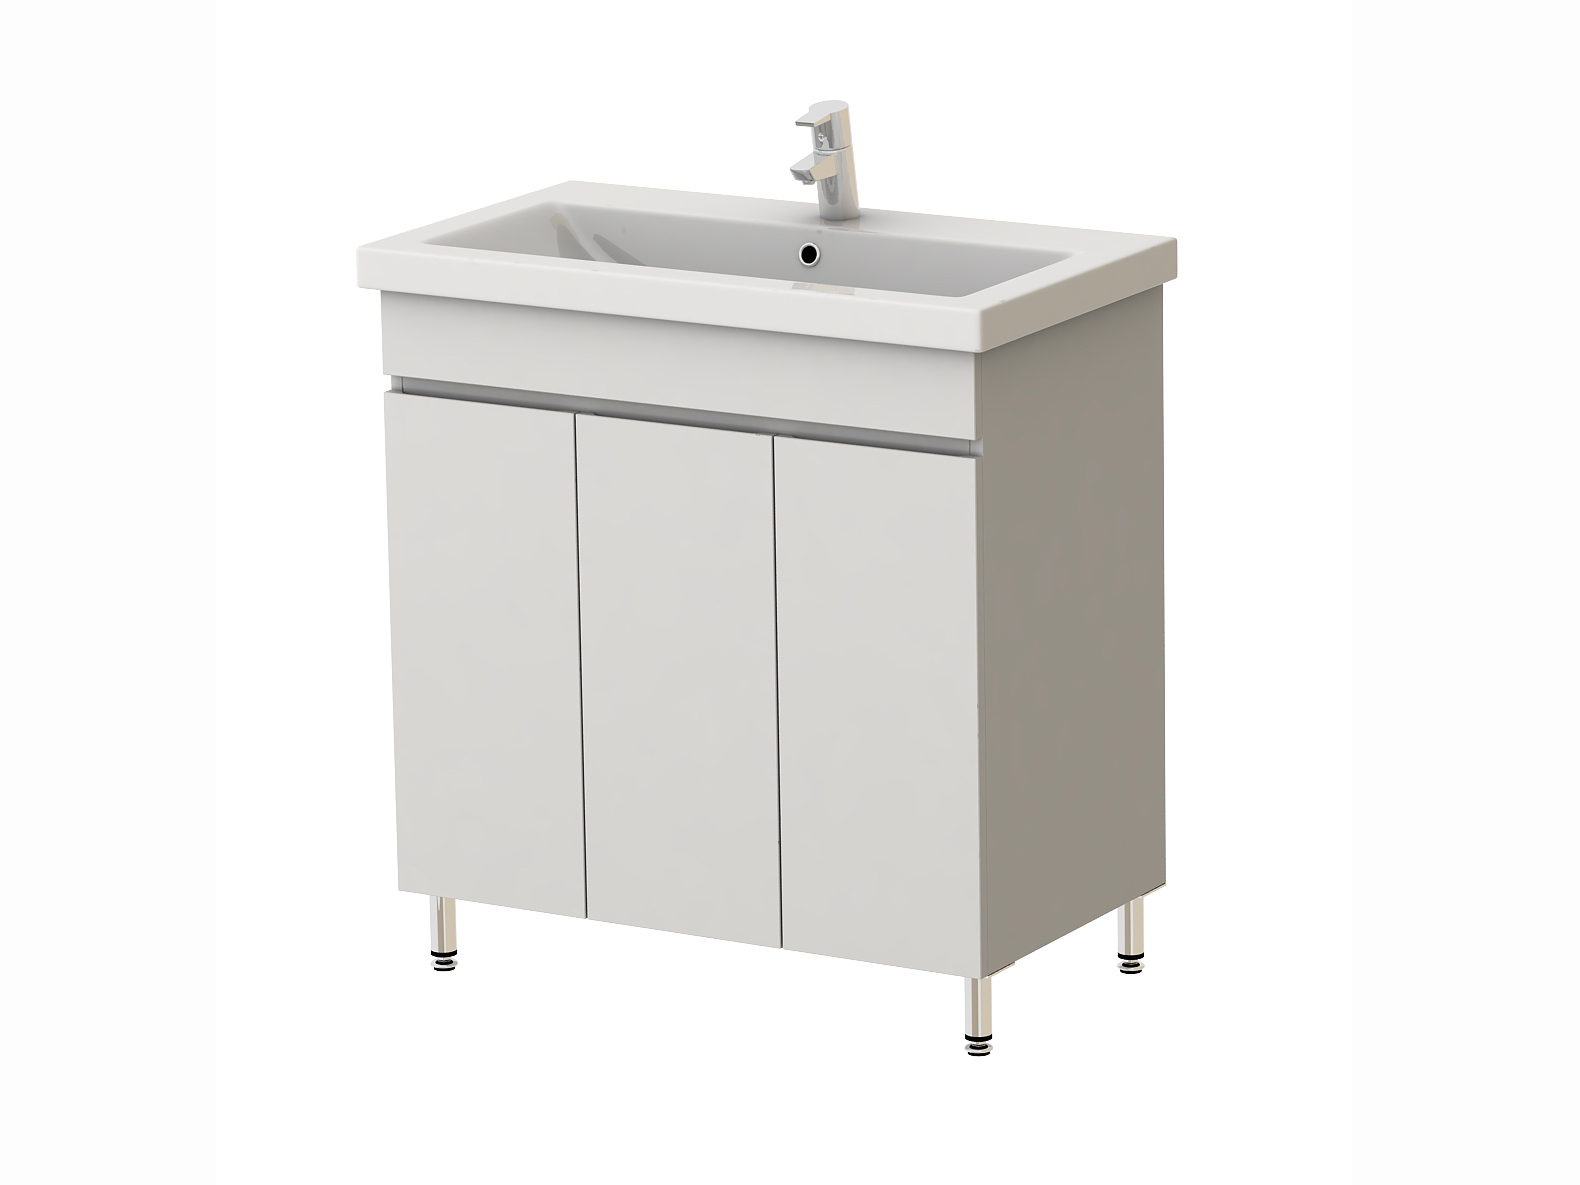 Kúpeľňová skrinka s umývadlom - Juventa - Ariadna - Ar3-80 W. Sme autorizovaný predajca Juventa. Vlastná spoľahlivá doprava až k Vám domov.